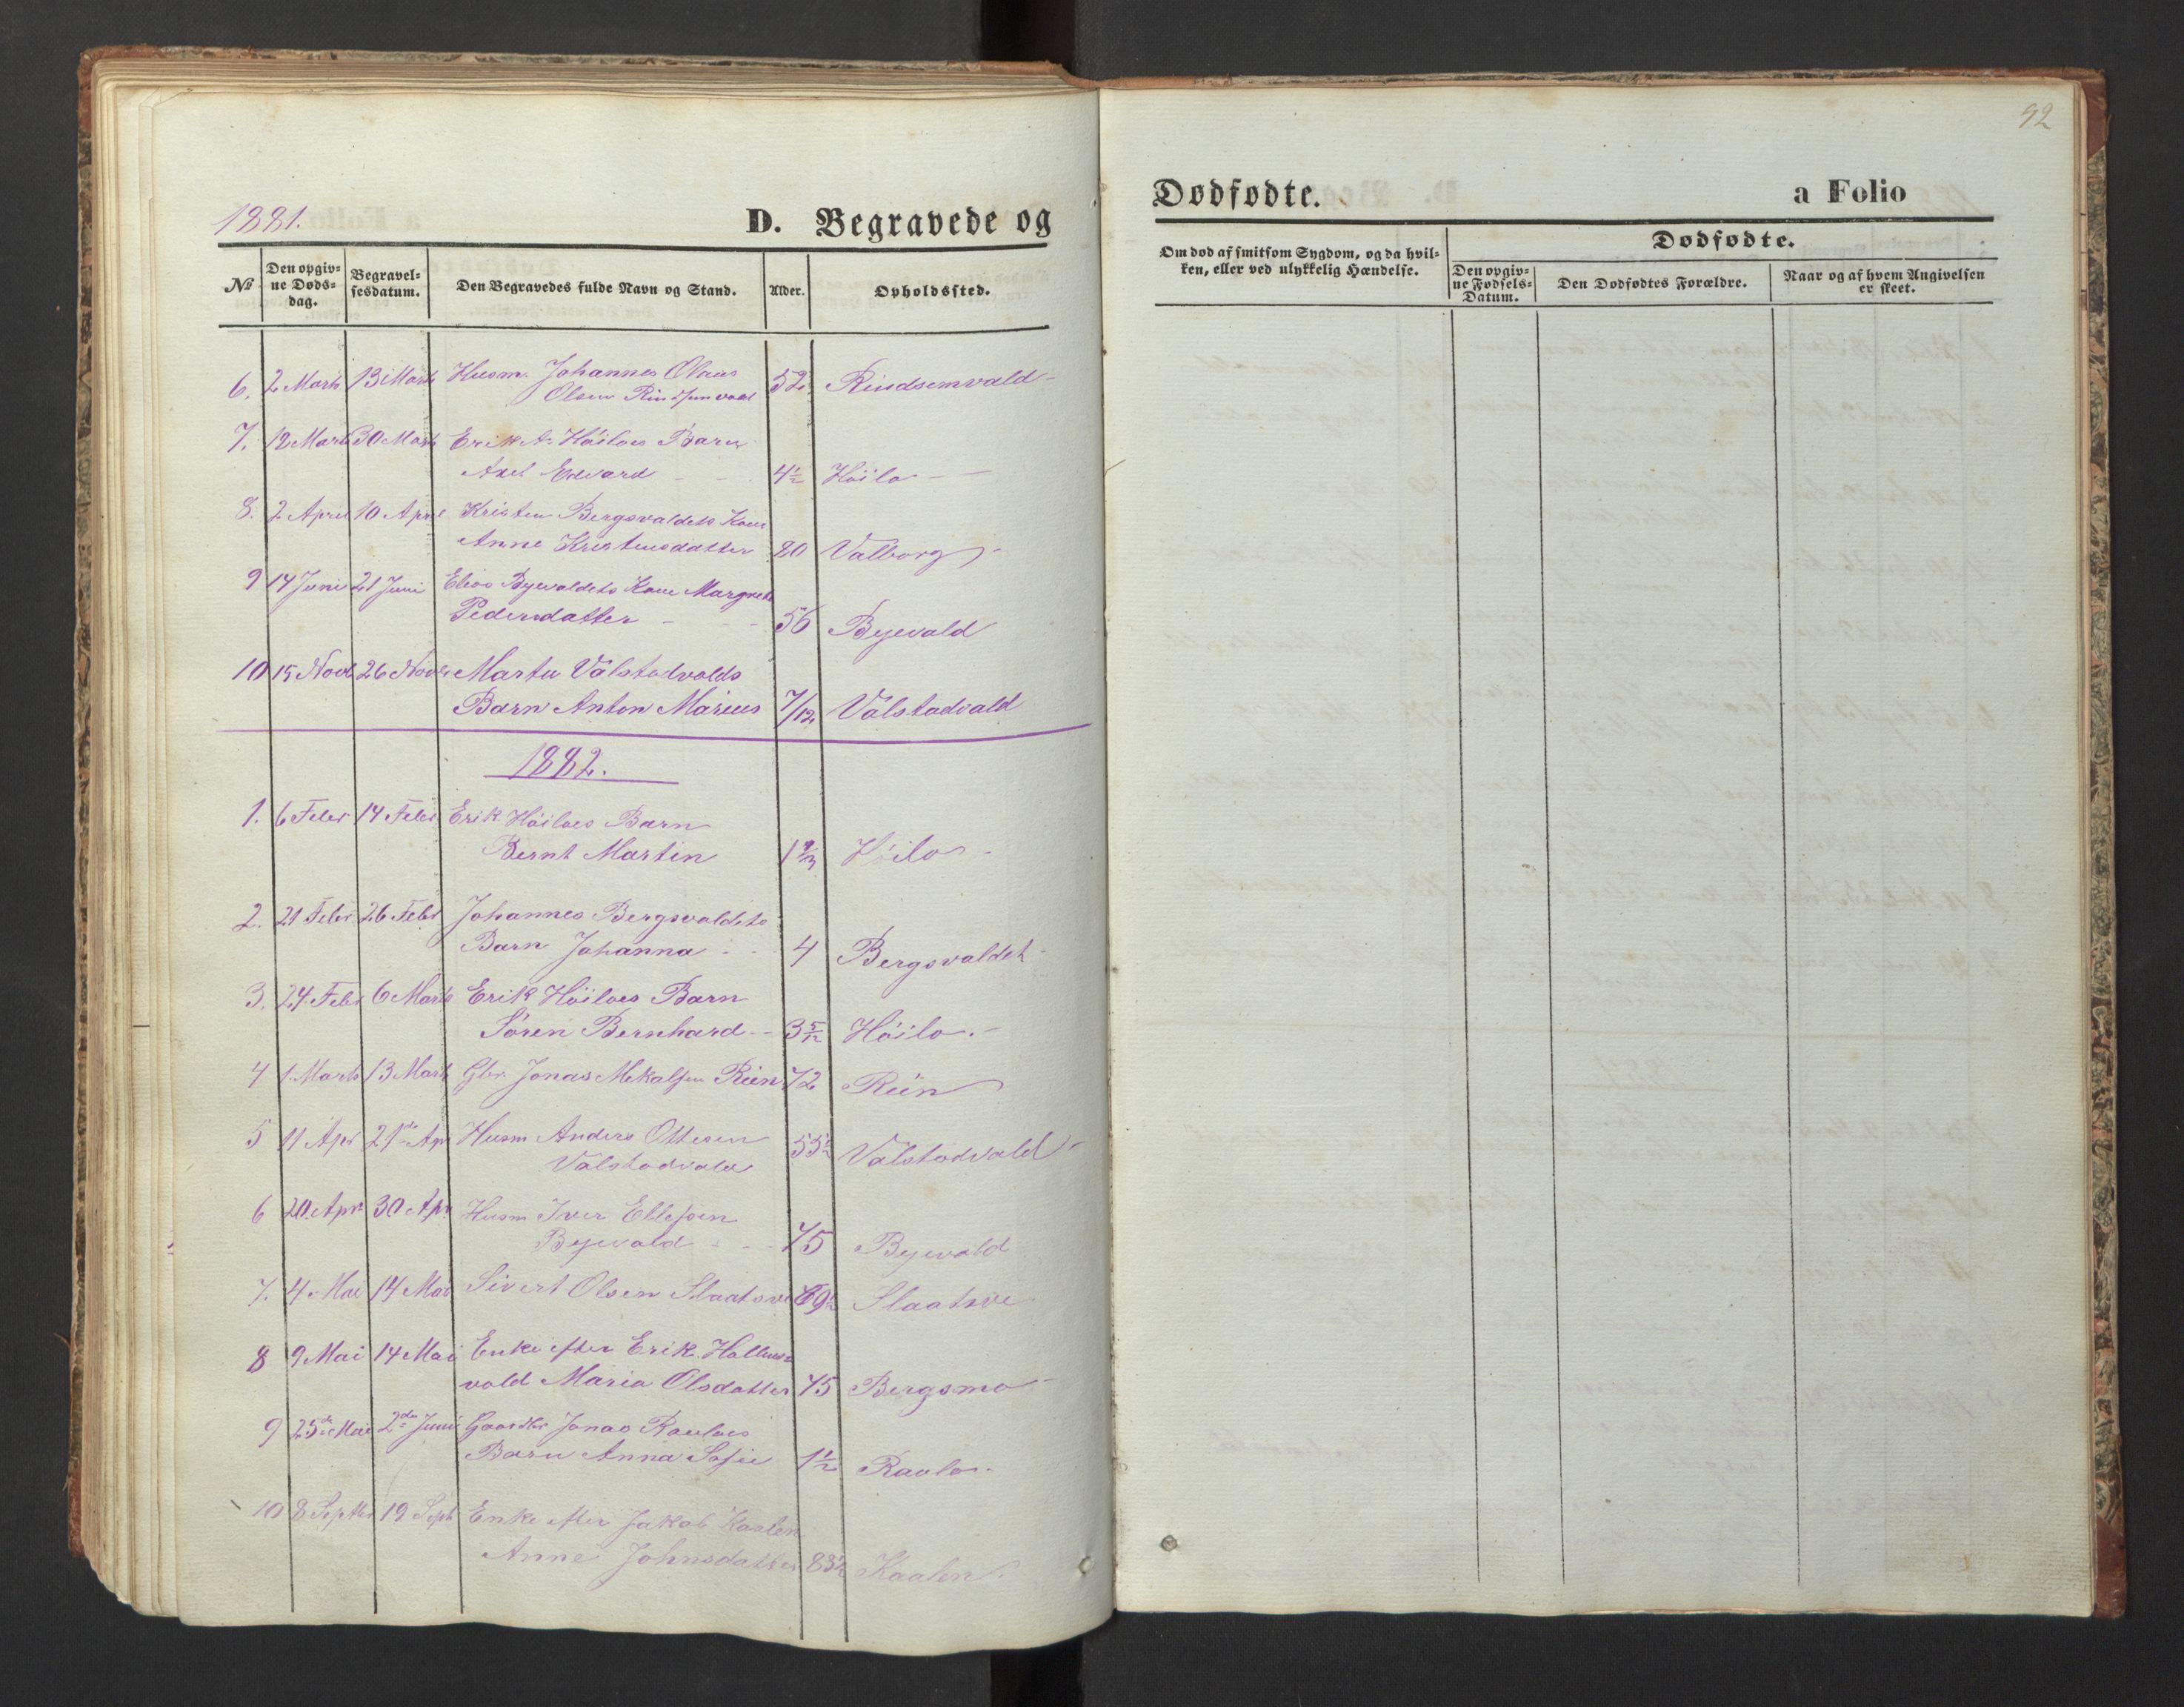 SAT, Ministerialprotokoller, klokkerbøker og fødselsregistre - Nord-Trøndelag, 726/L0271: Klokkerbok nr. 726C02, 1869-1897, s. 92